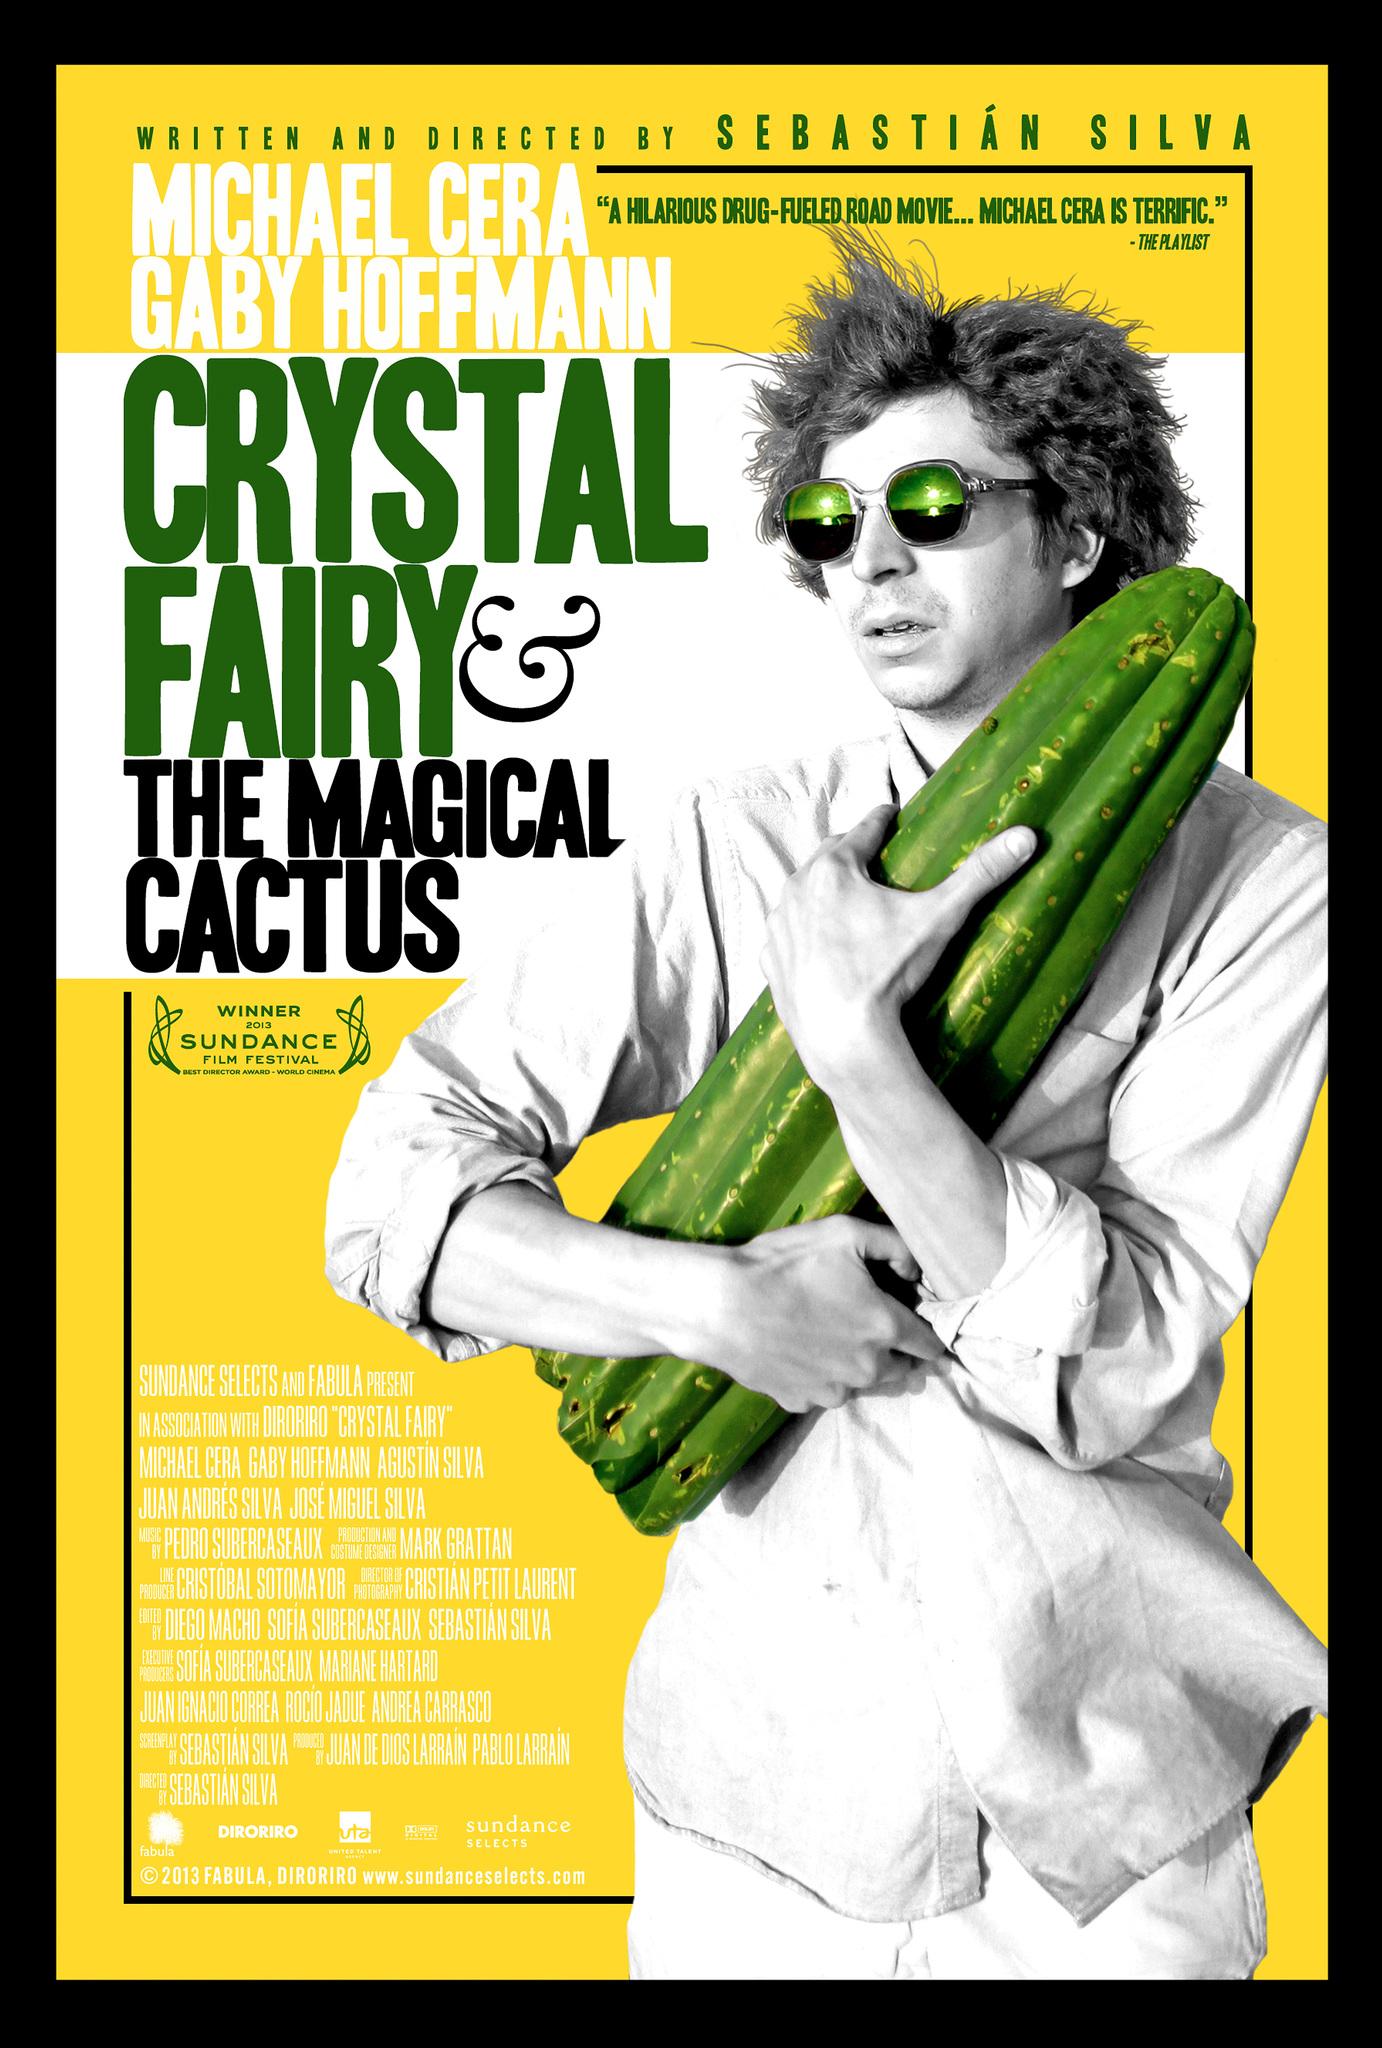 Crystal Fairy y el cactus mágico (2013) - IMDb